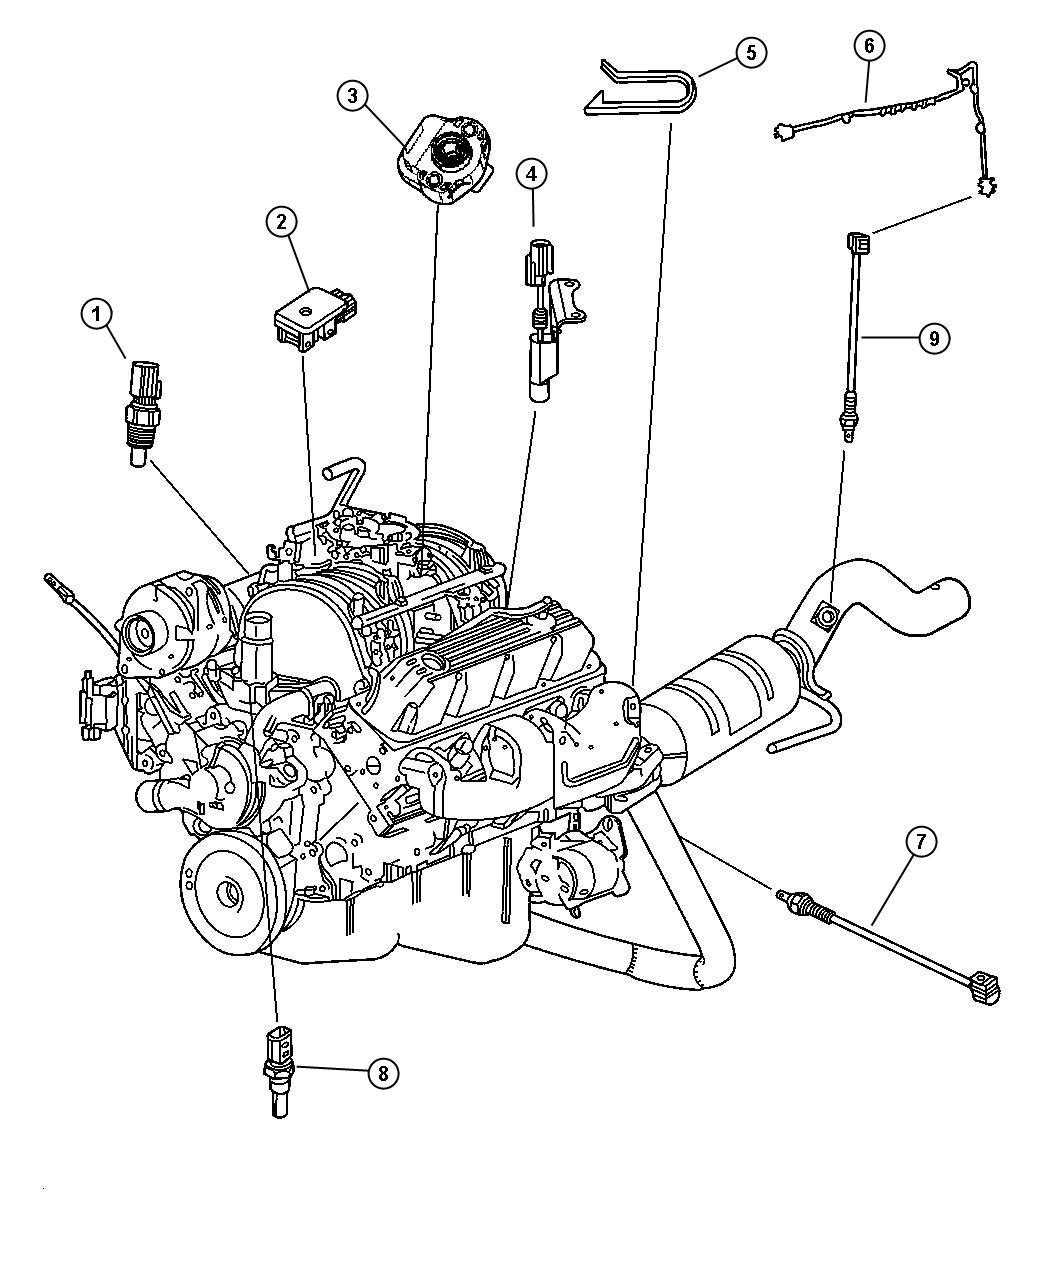 1993 dodge dakota sensor  coolant temperature  torque converter  clutc  compress  acid